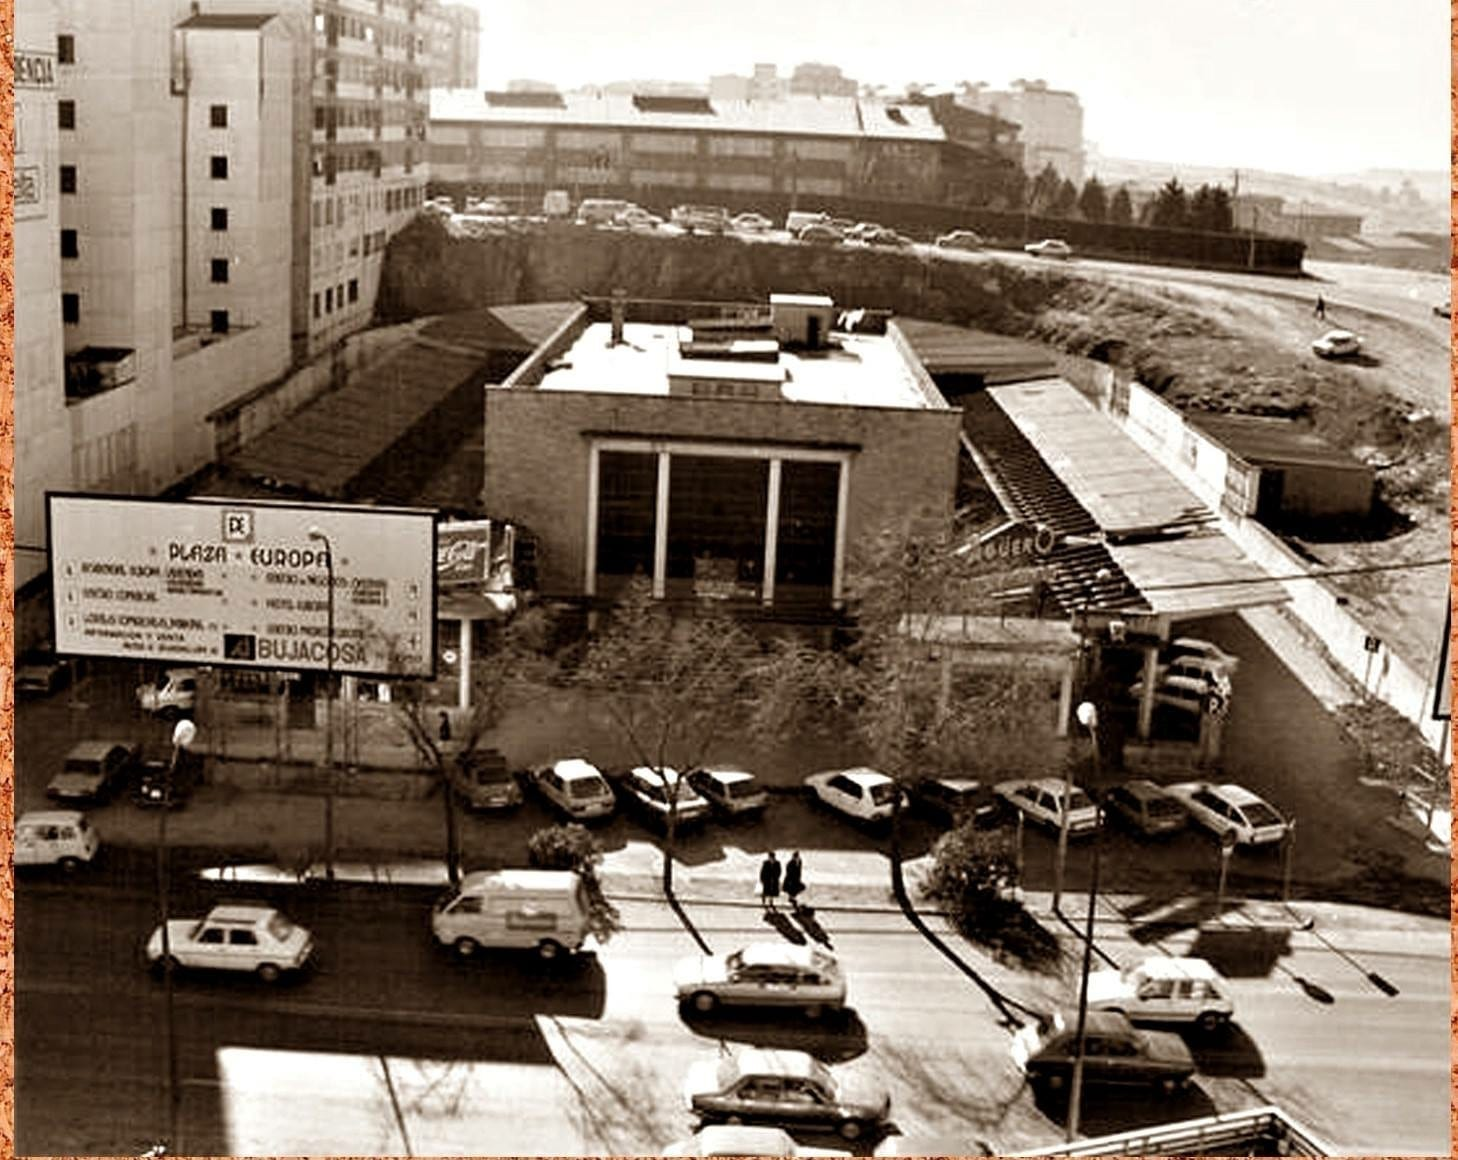 1986 - Obras de demolición. En 1987 la estación se traslada a nueva ubicación